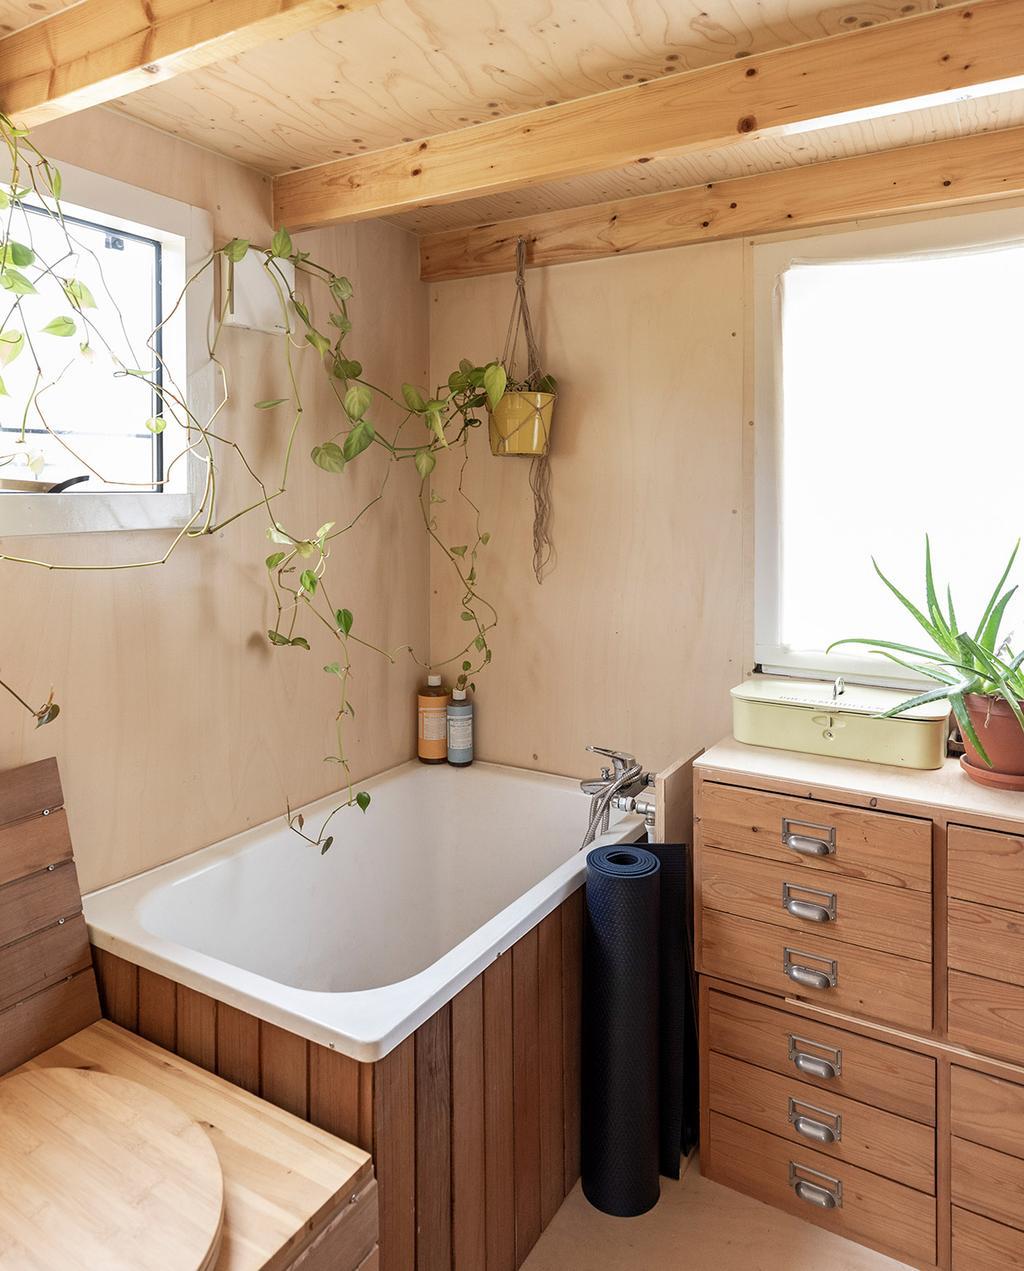 vtwonen special tiny houses | zelfvoorzienend huis met badkamer en bad